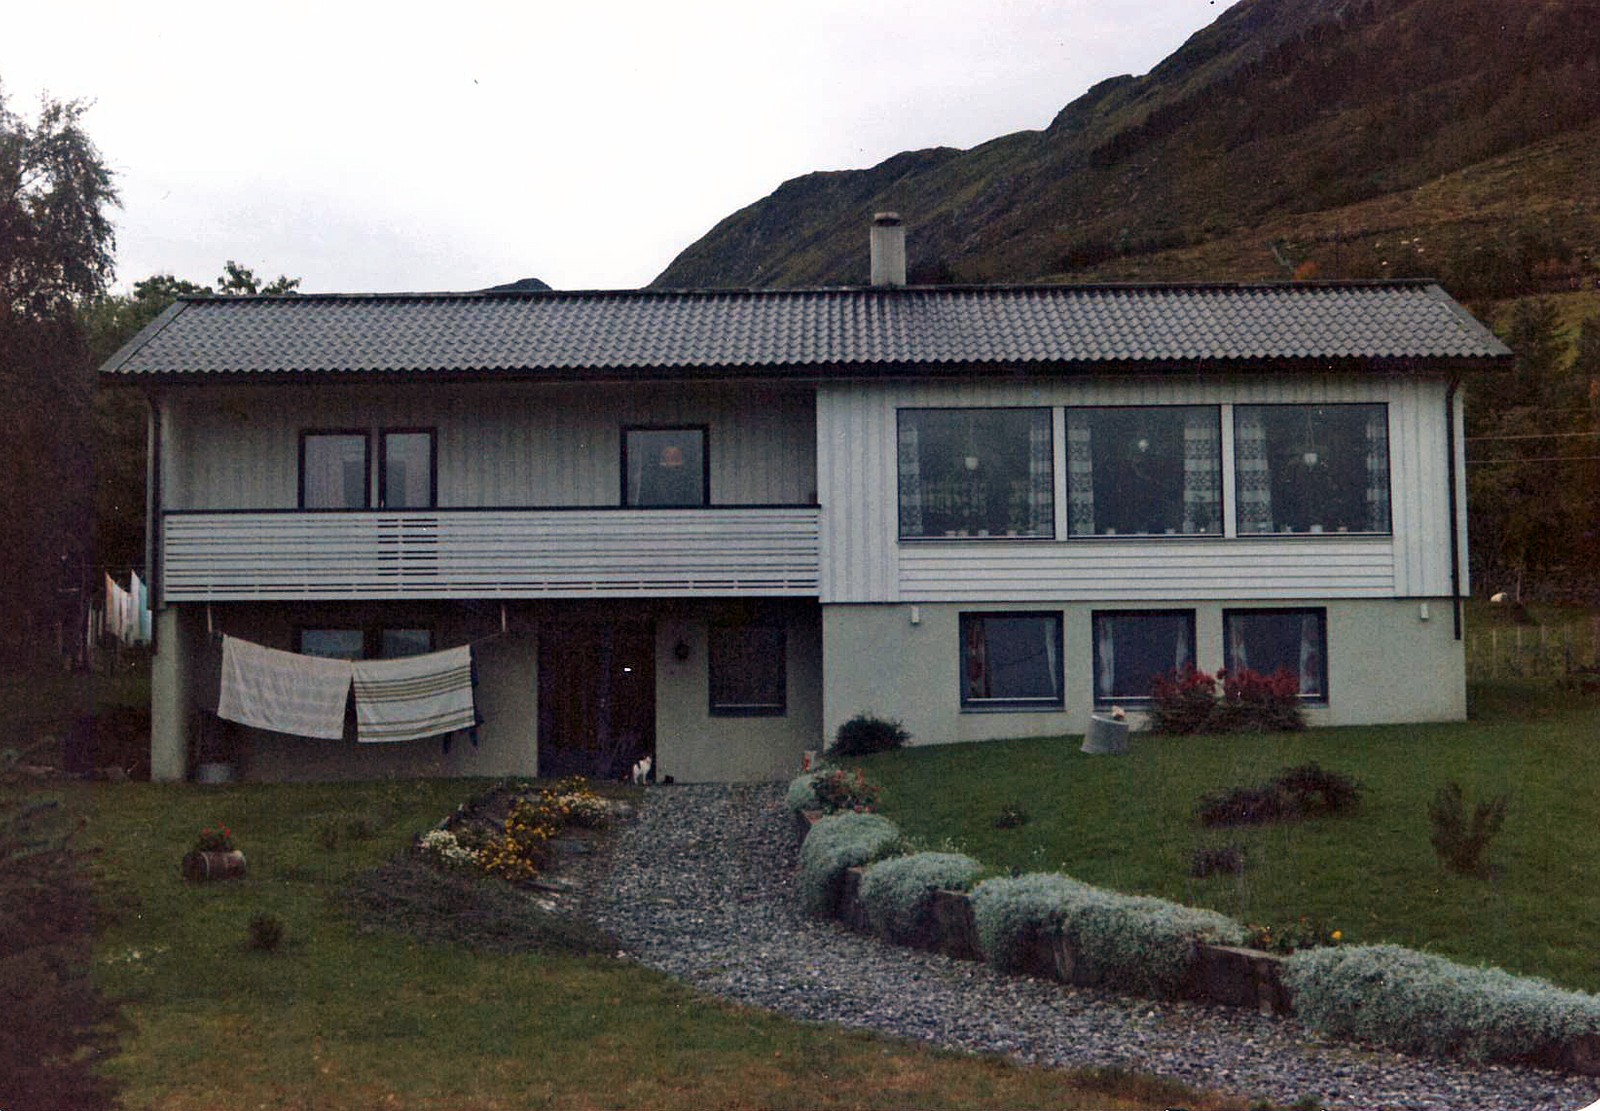 Slik såg huset til Karin og Kåre Nyheim ut før nyttårsorkanen 1992.